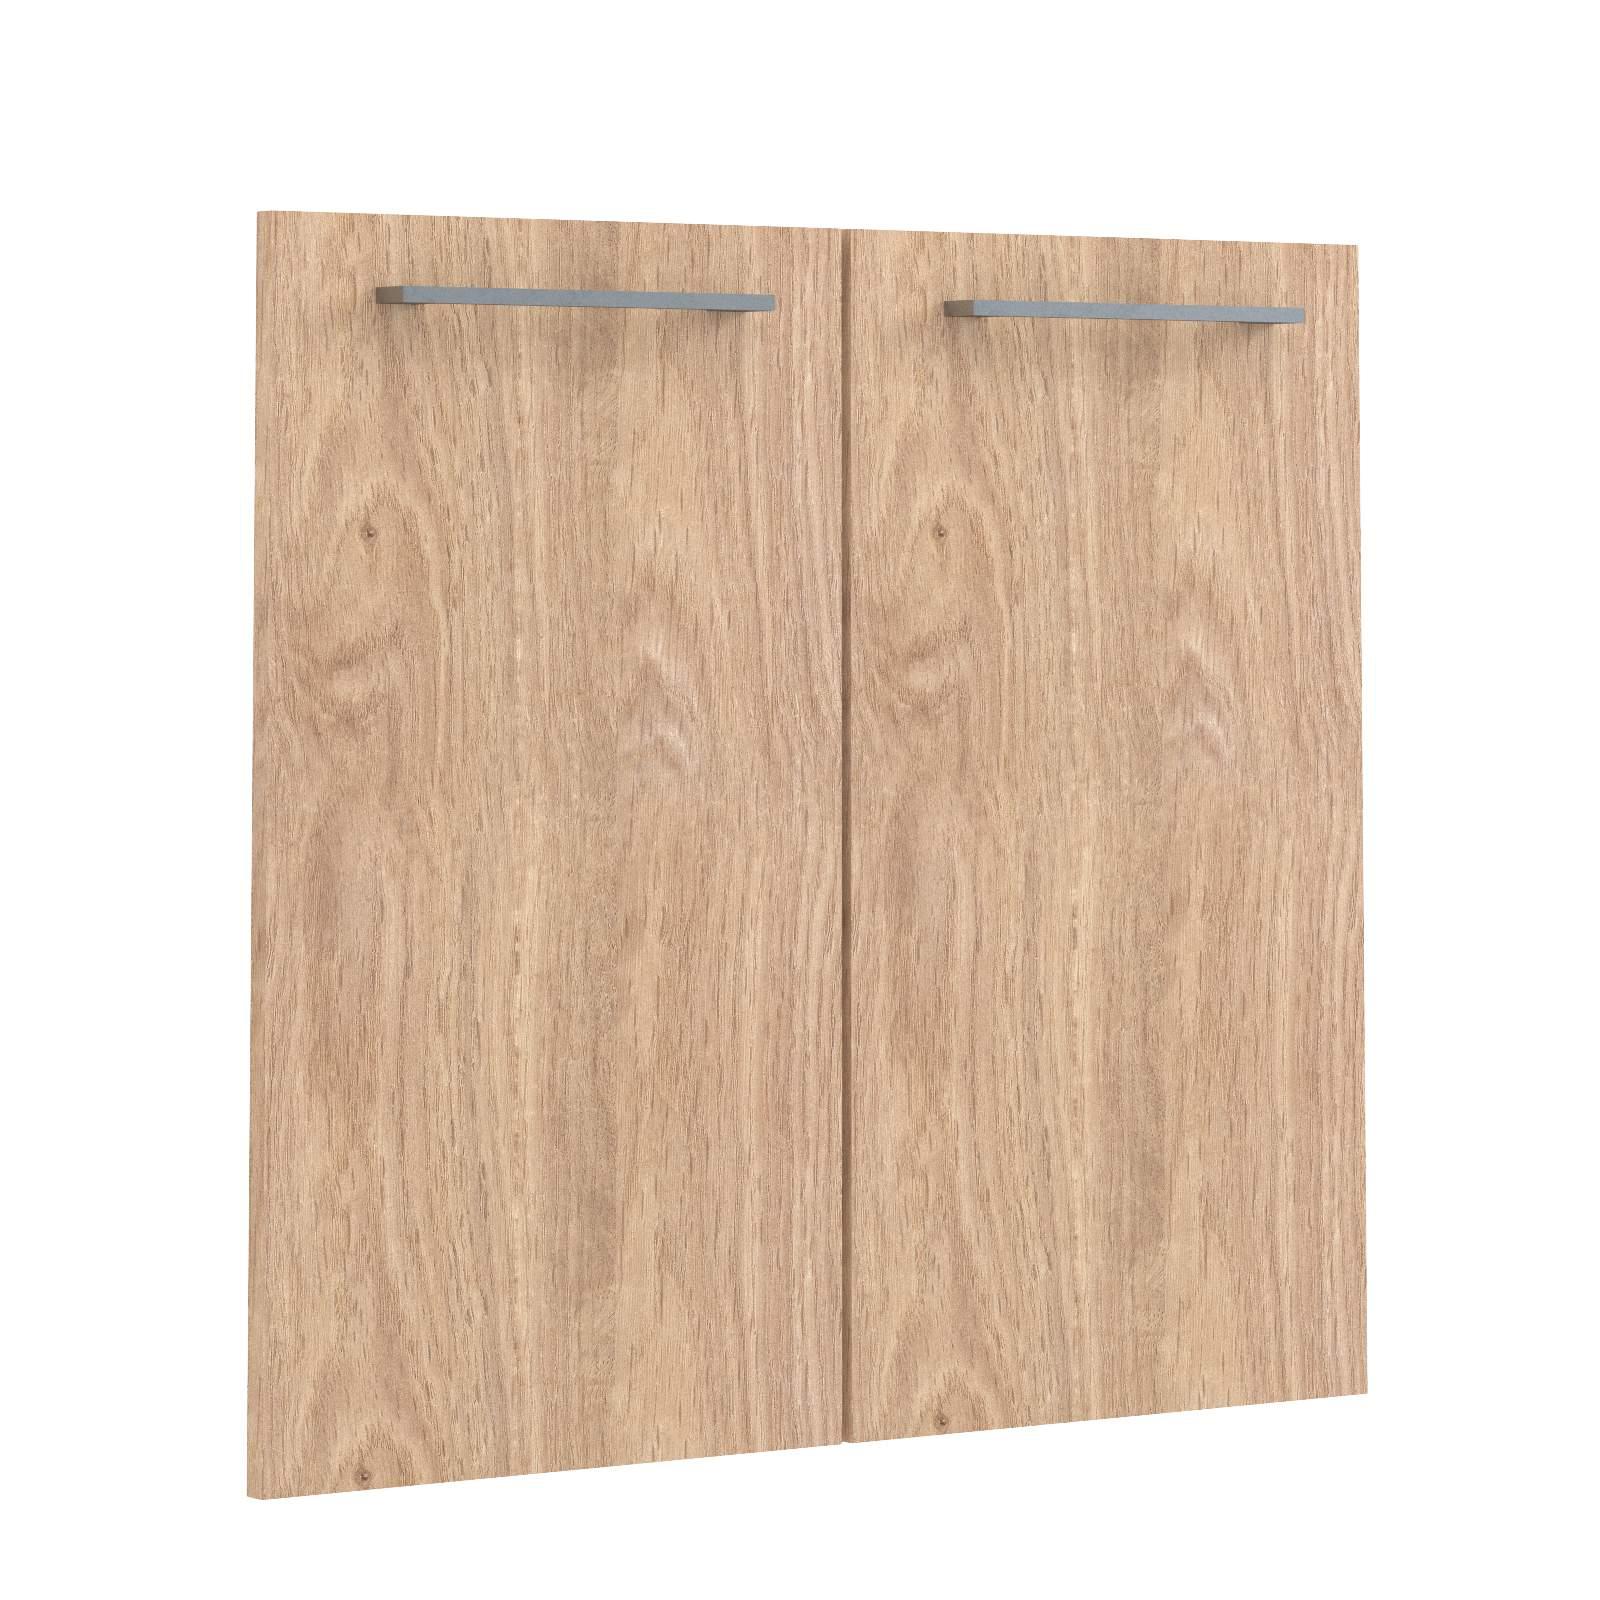 Двери ЛДСП низкие 846x18x765